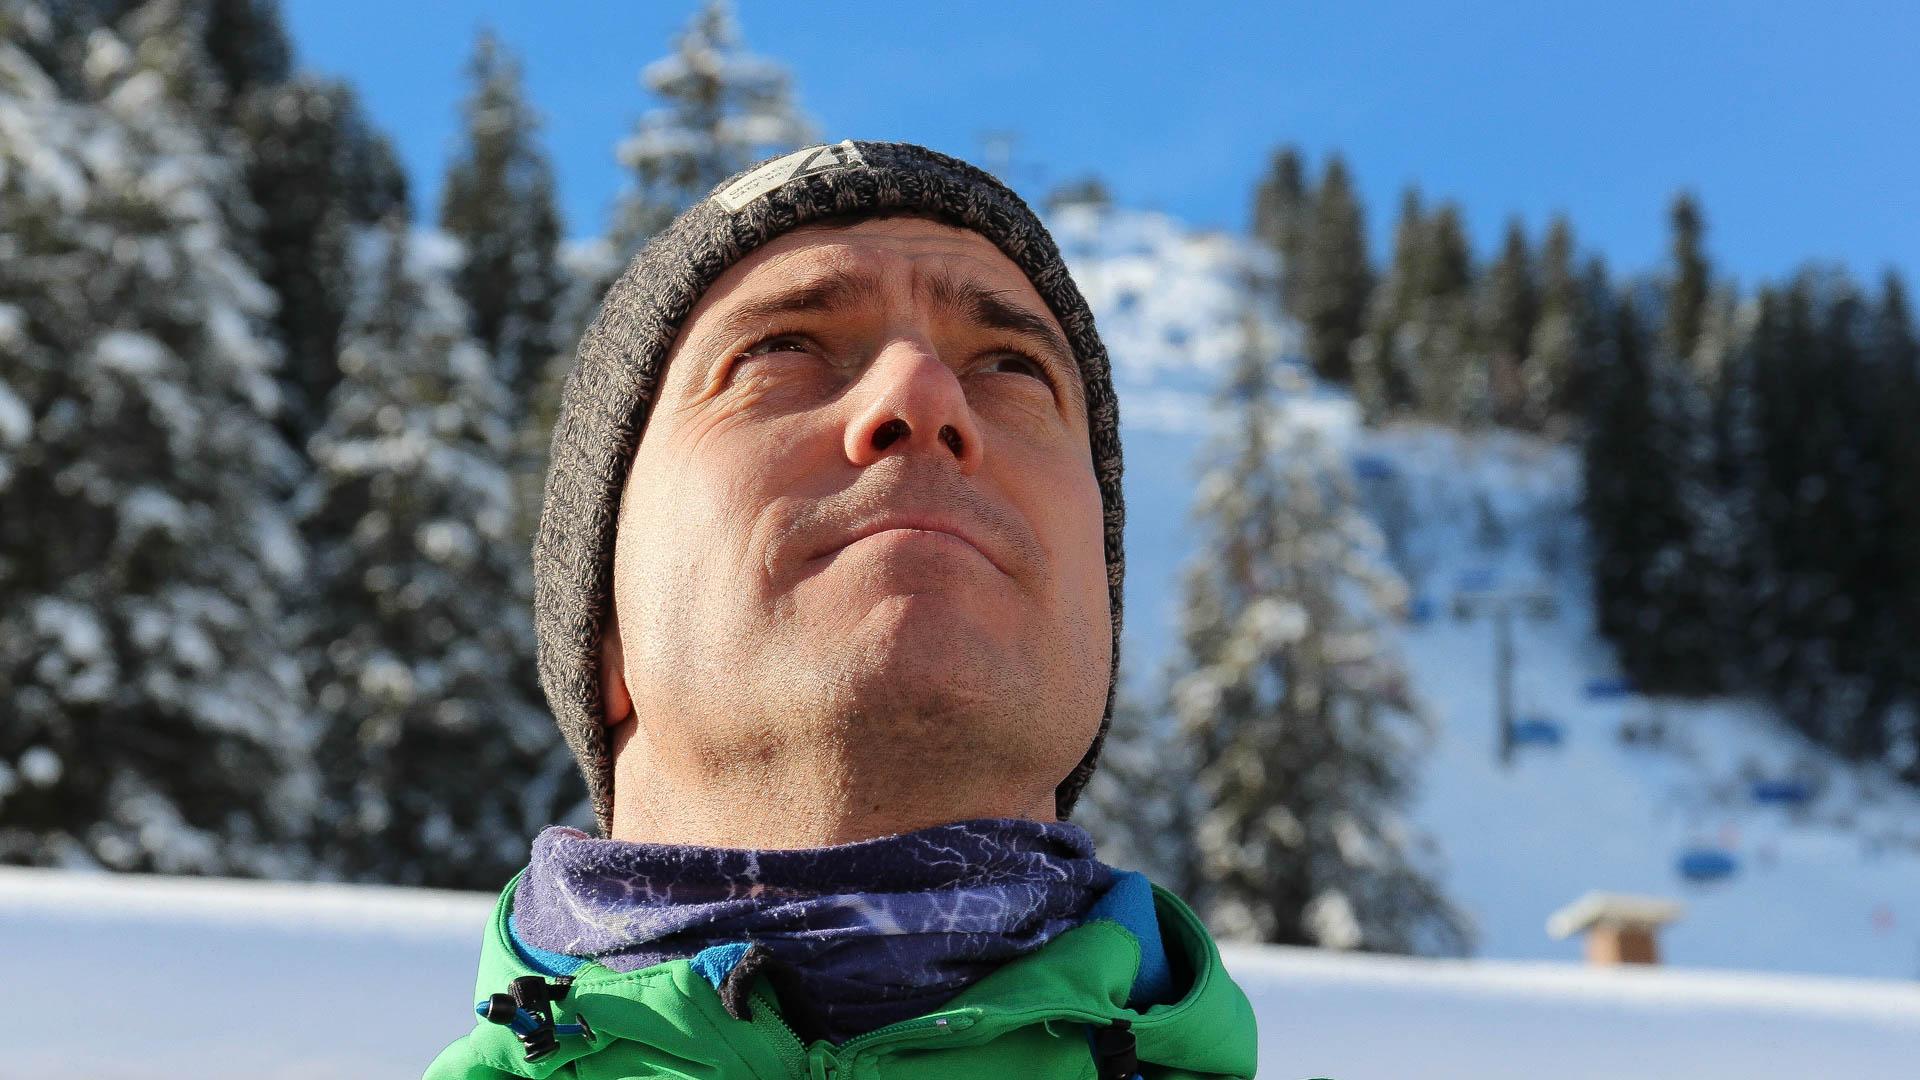 2020-Skifreizeit-Kinder-Jugendliche-Ski-Freizeit-Damüls-Mellau-69-fun-Schnee-Leki-Tom-Braun-Portrait